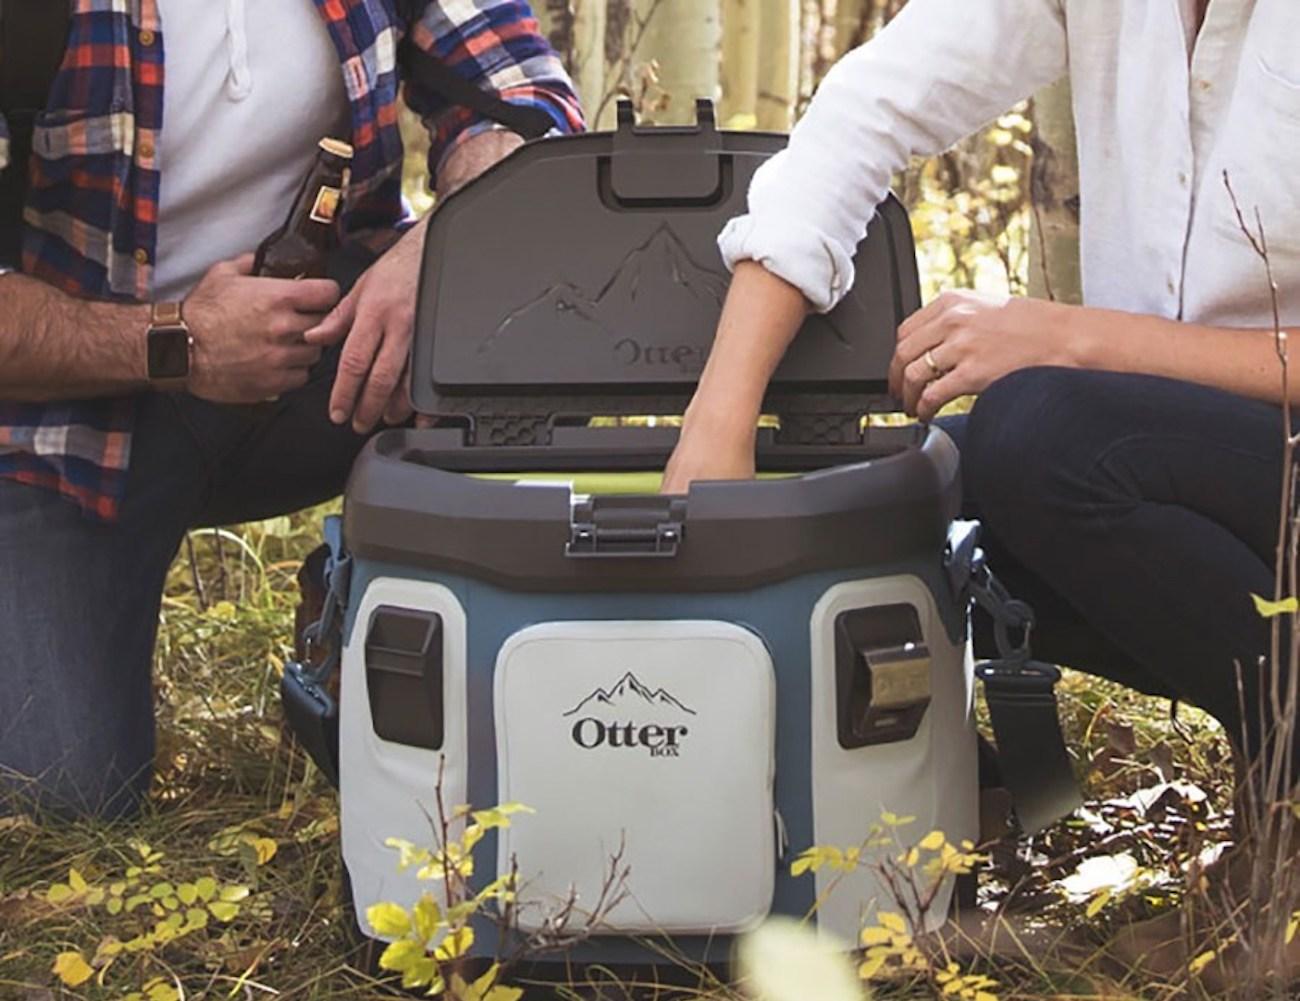 OtterBox Trooper LT 30 Backpack Adventure Cooler keeps you fueled